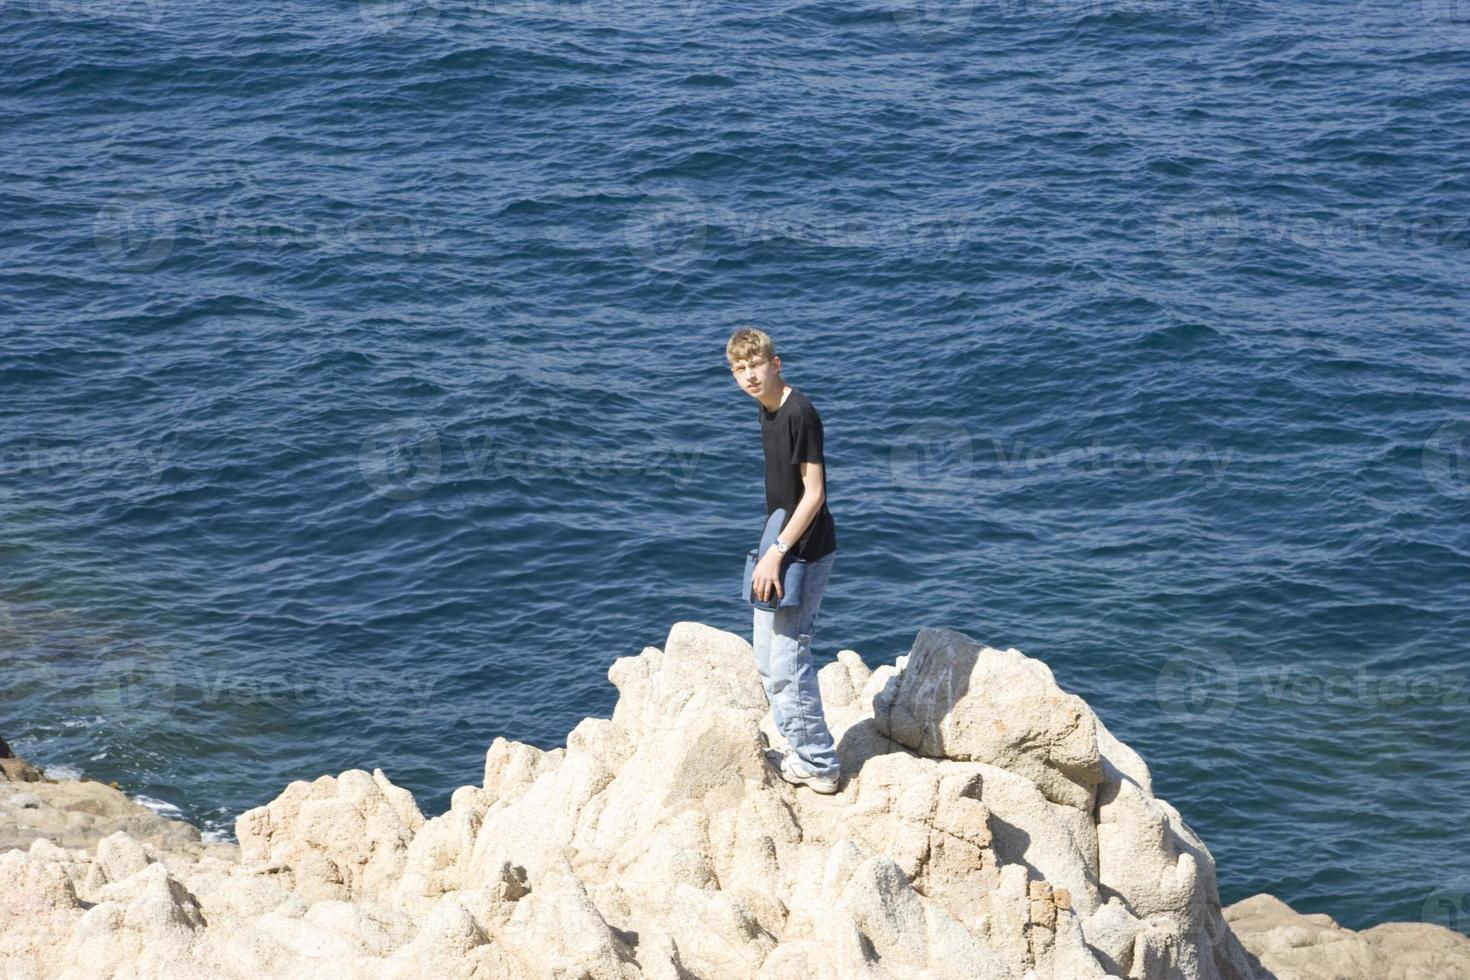 adolescente de pie en los acantilados foto